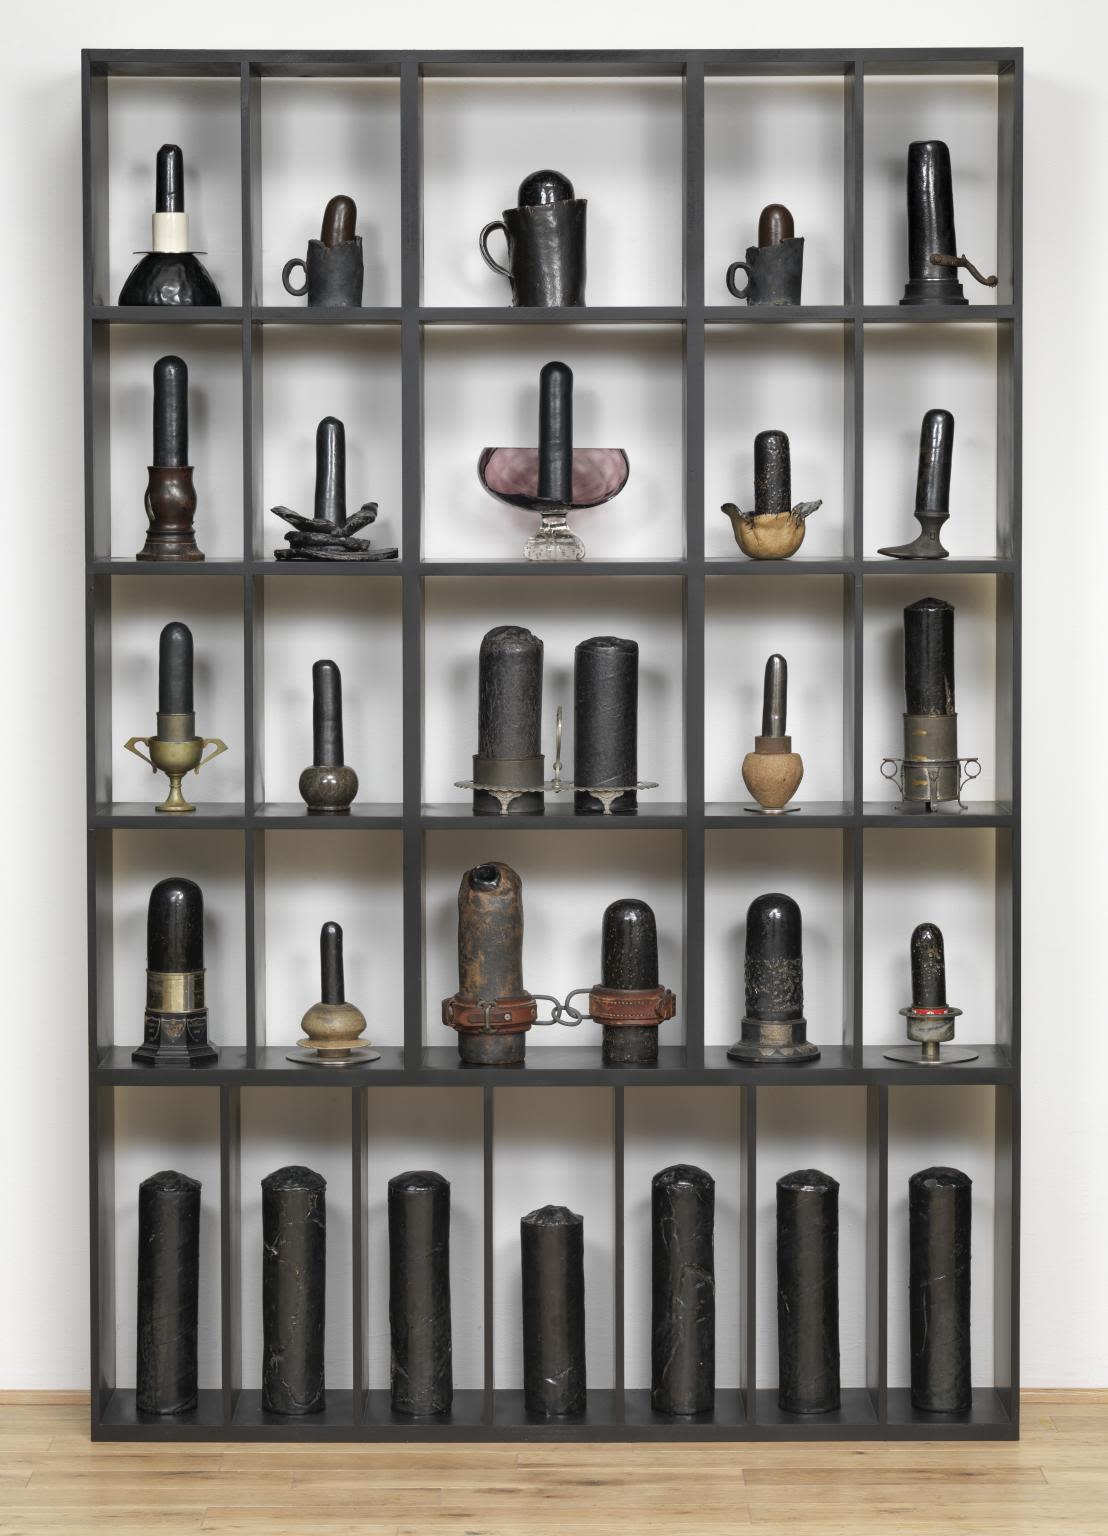 'Bullets' by Donald Locke